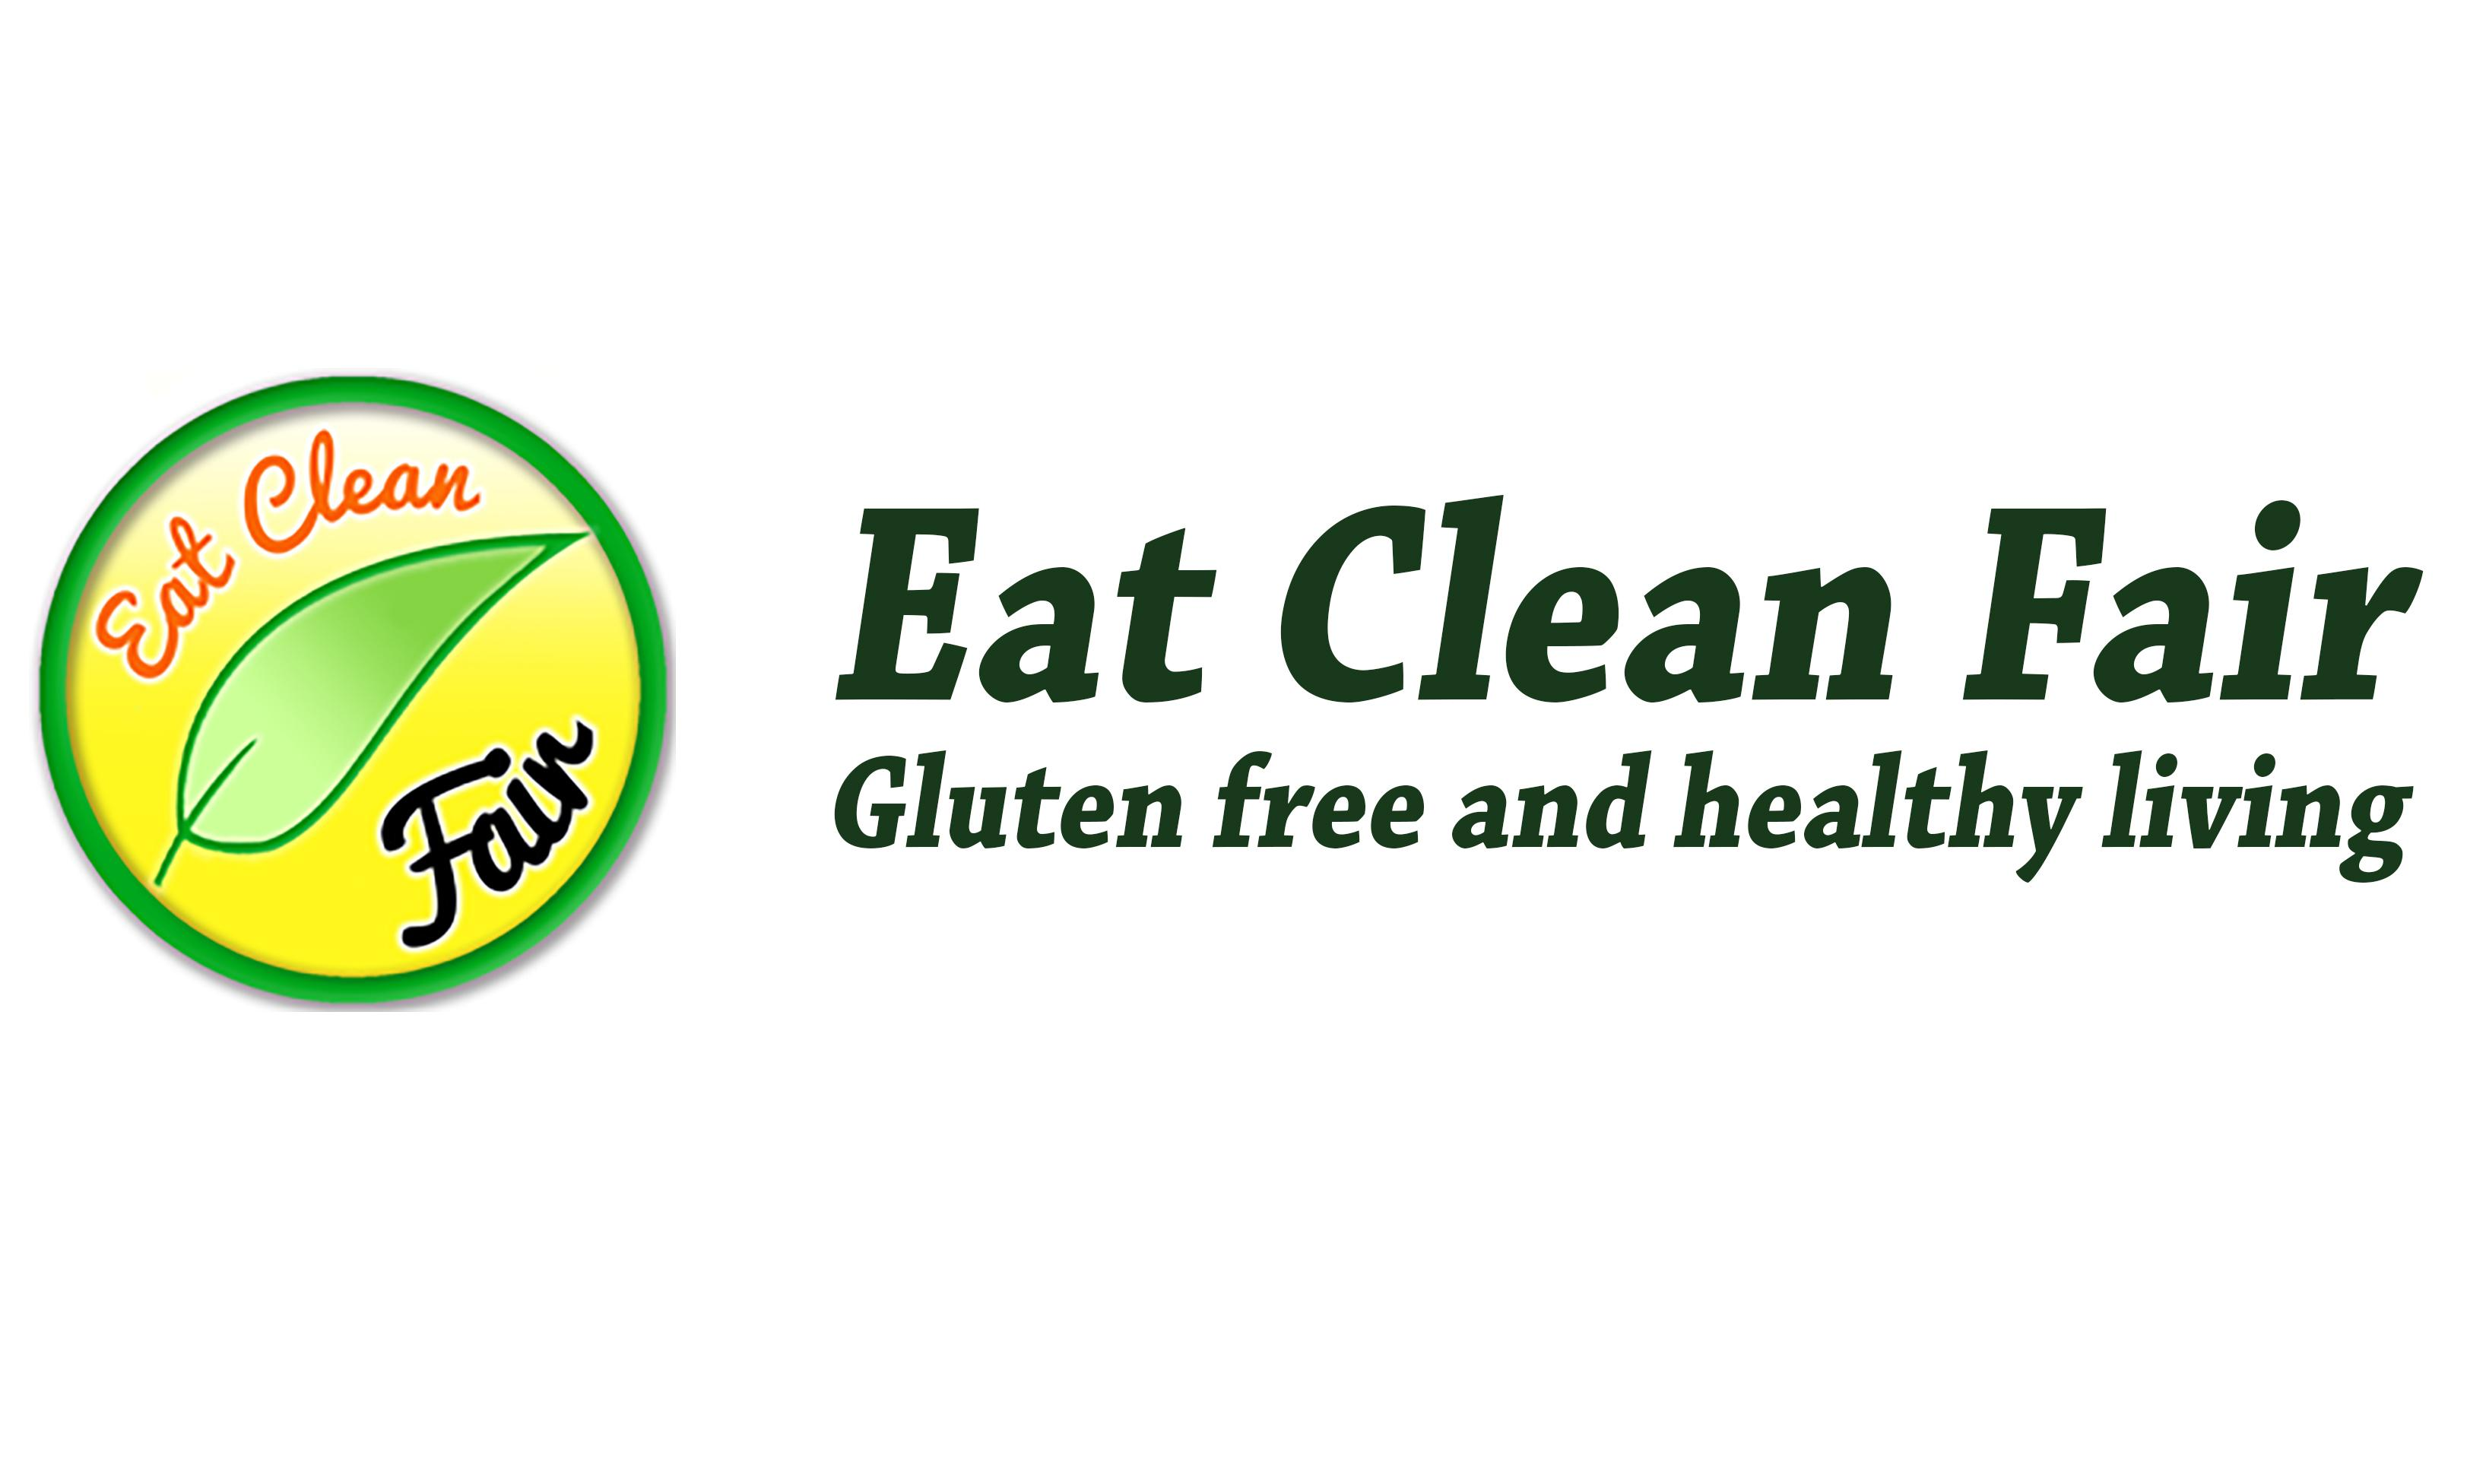 Eat Clean Fair - Gluten Free & Healthy Living